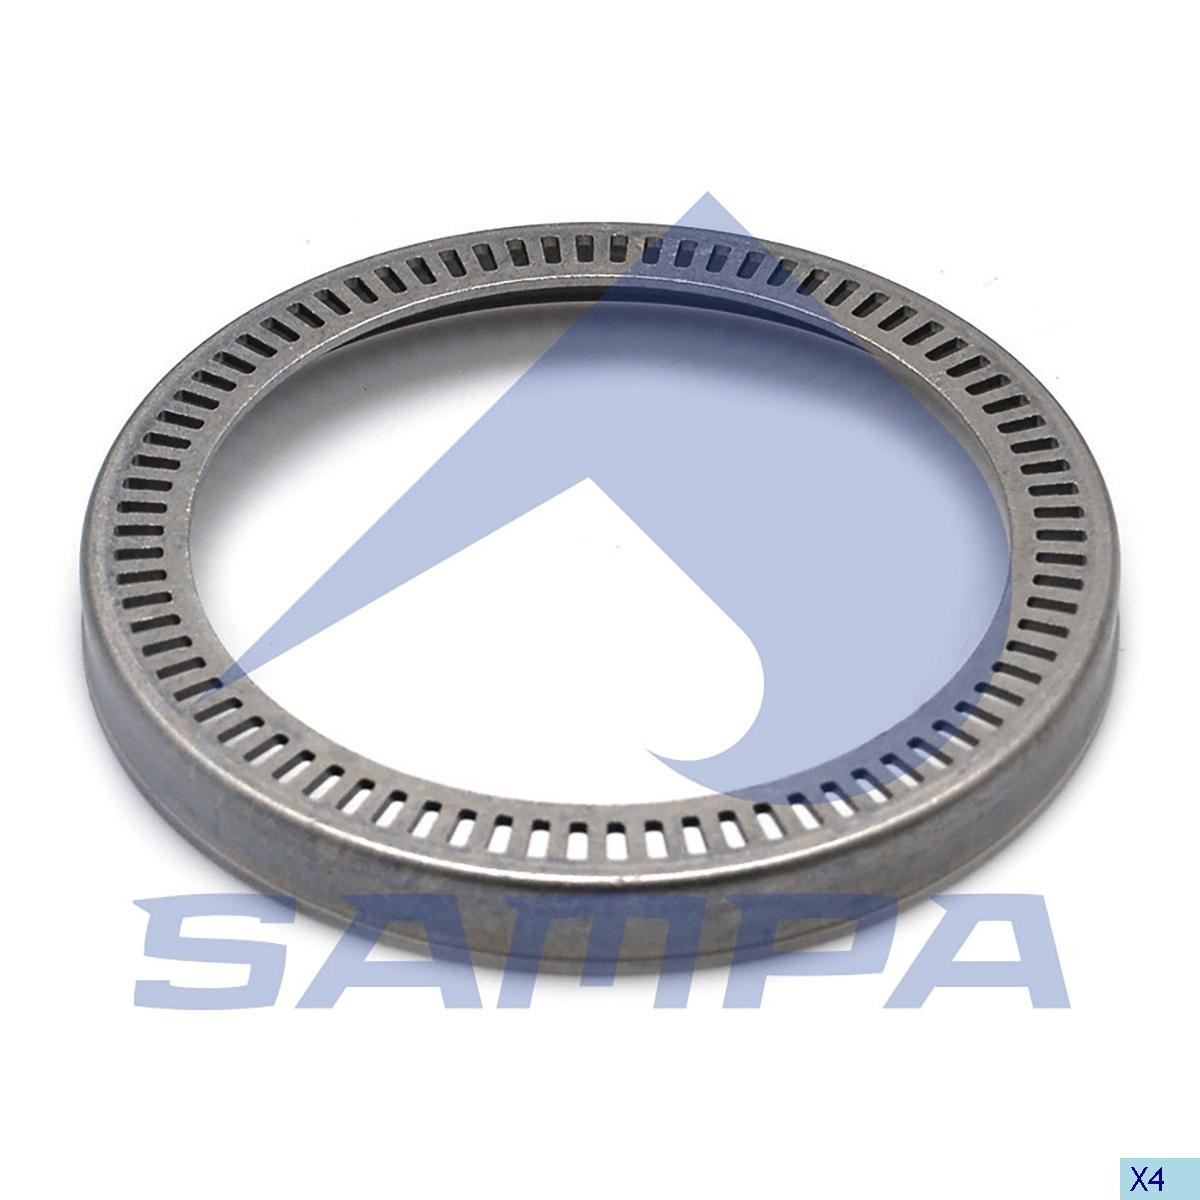 Inel senzor ABS photo